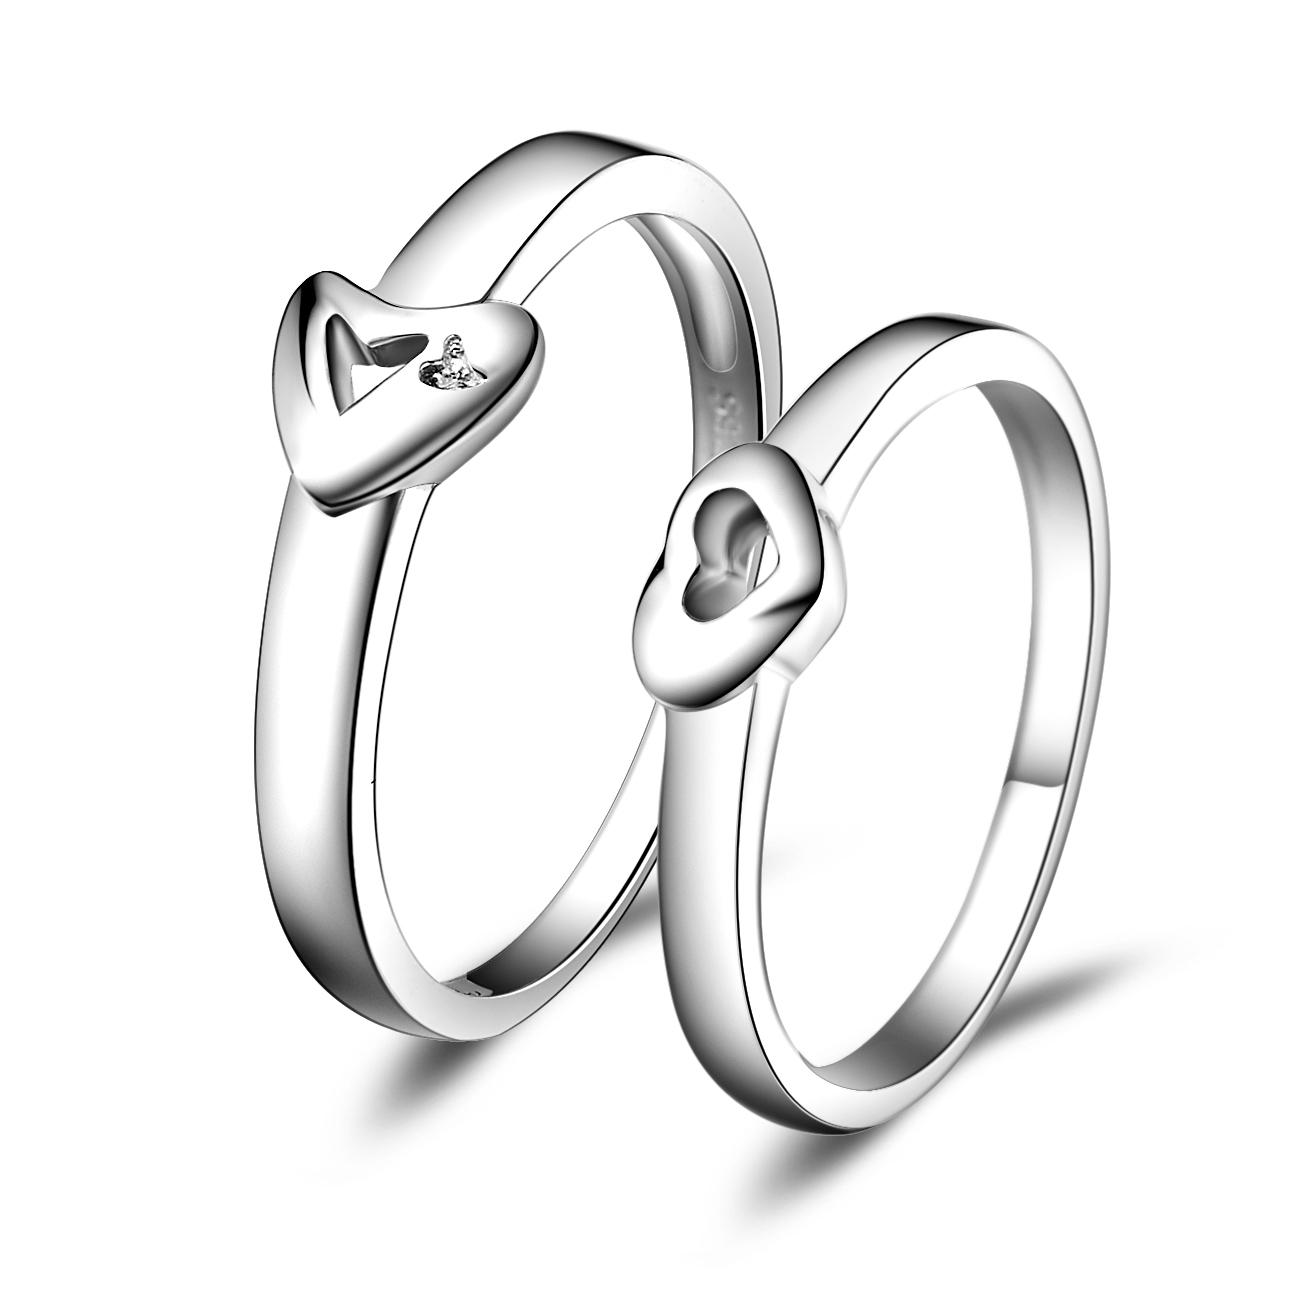 戒指结婚季 一心一意925纯银情侣戒指情侣对戒 饰品银指环真心相爱特价